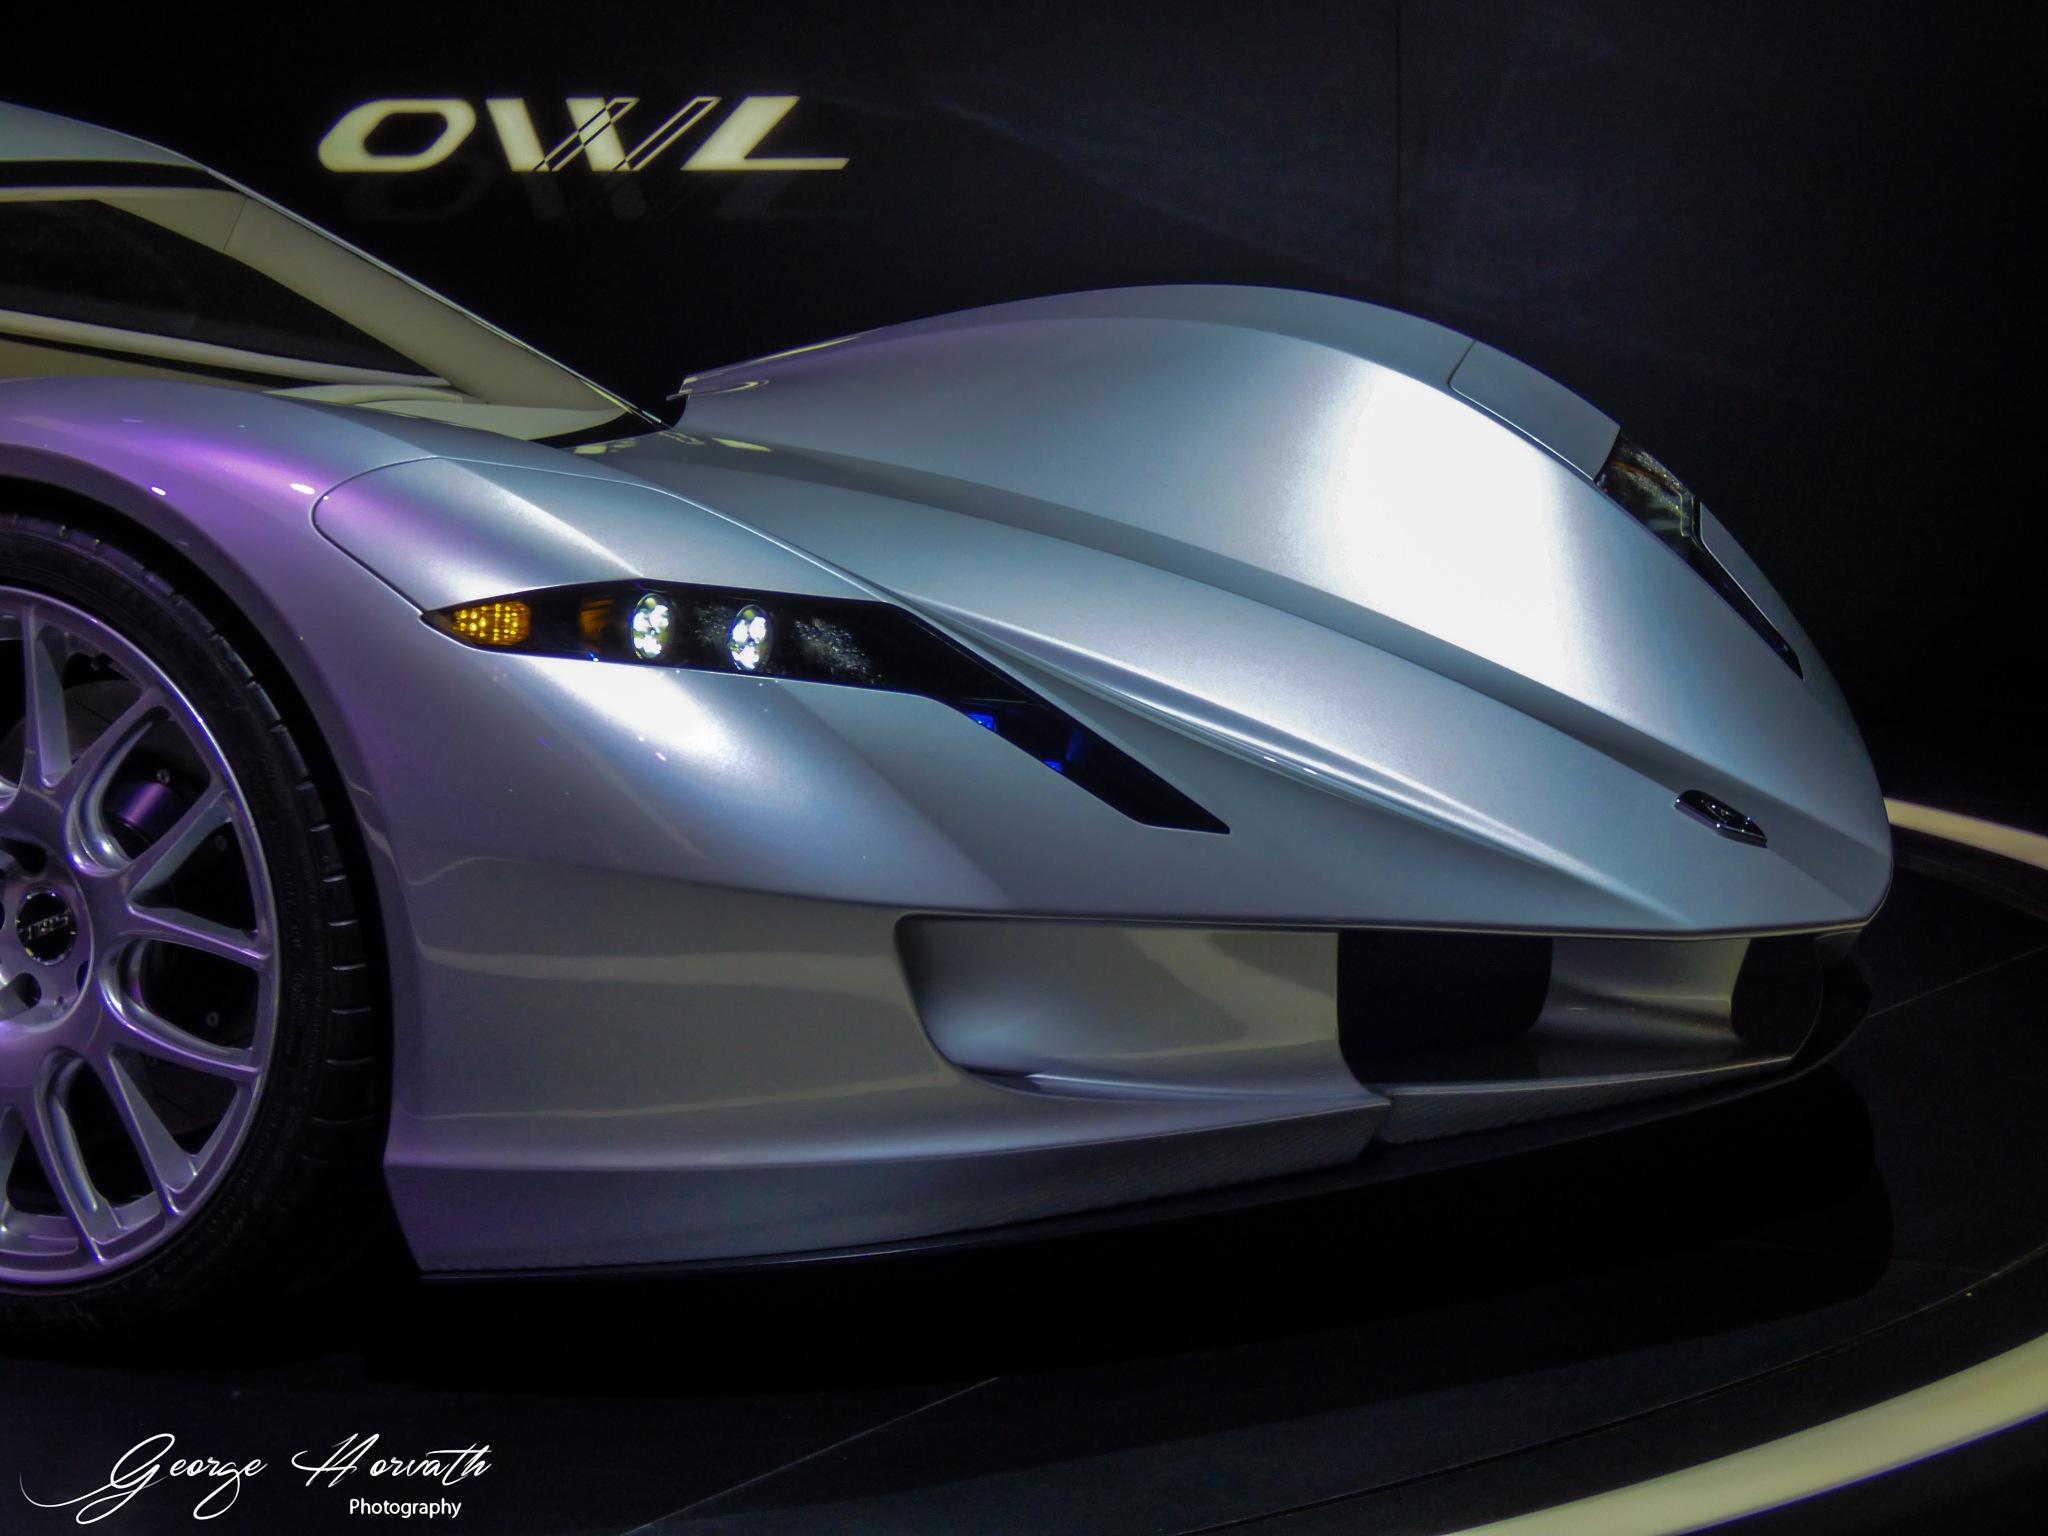 Owl by György Horváth